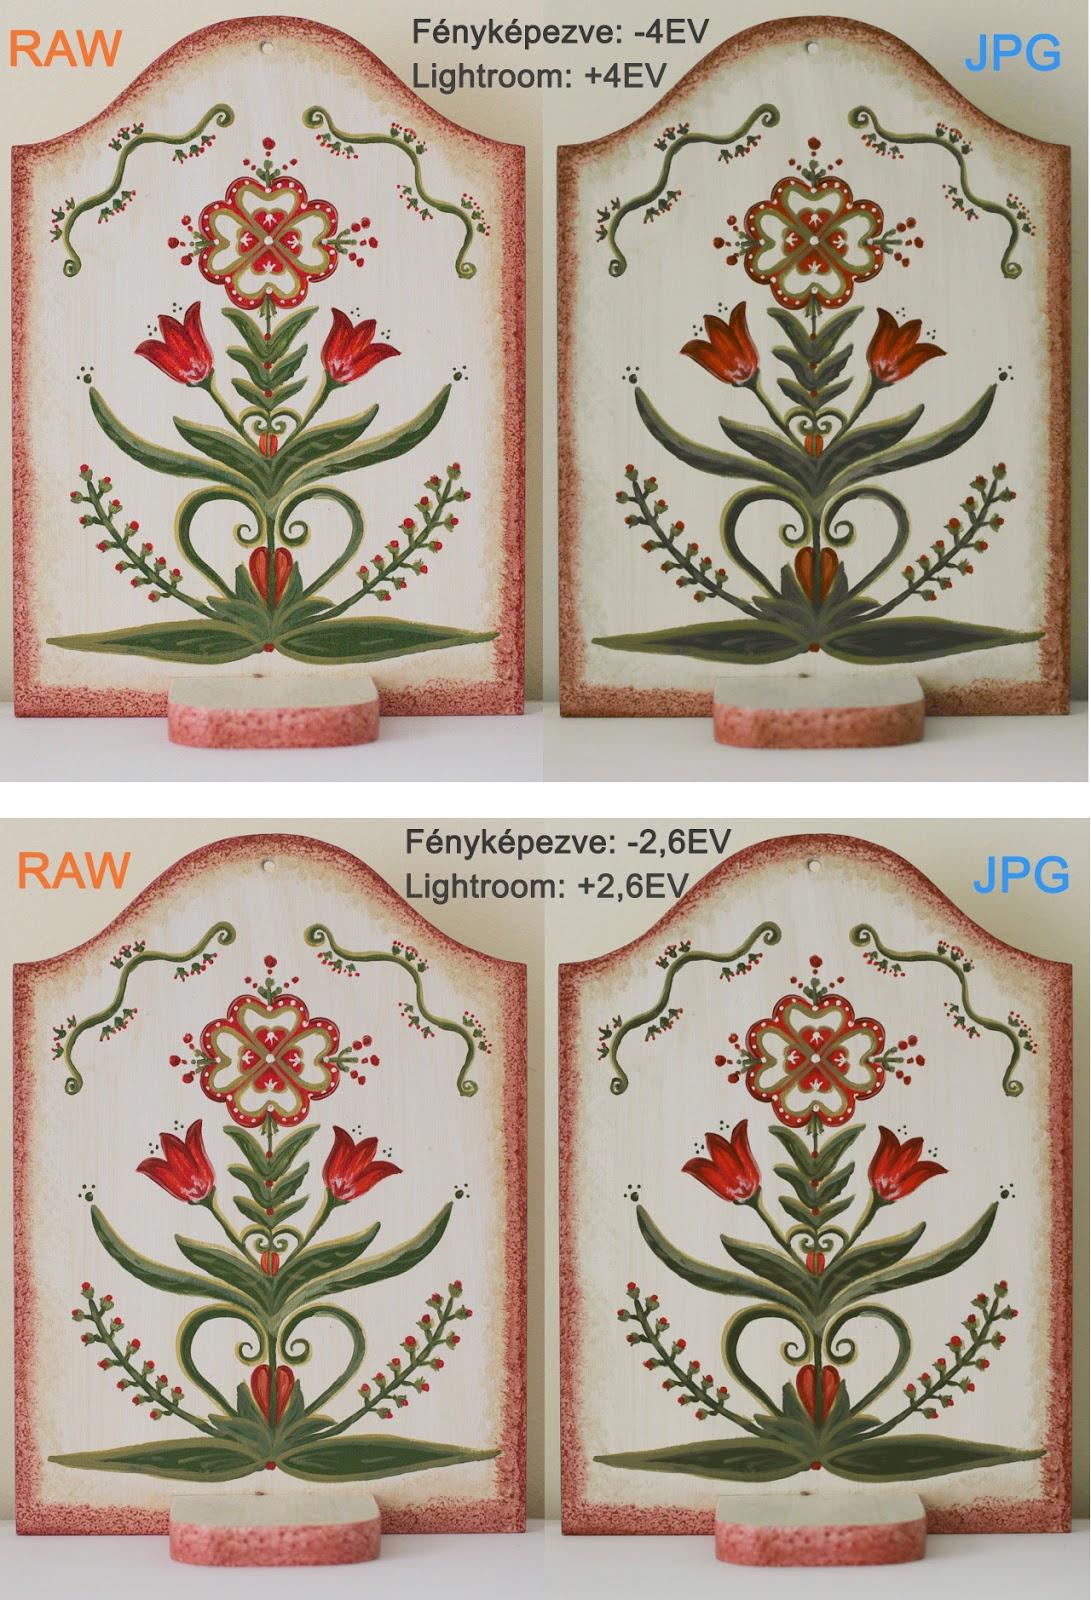 raw-vagy-jpg-expo-komp-tulipán-alsó-ujra